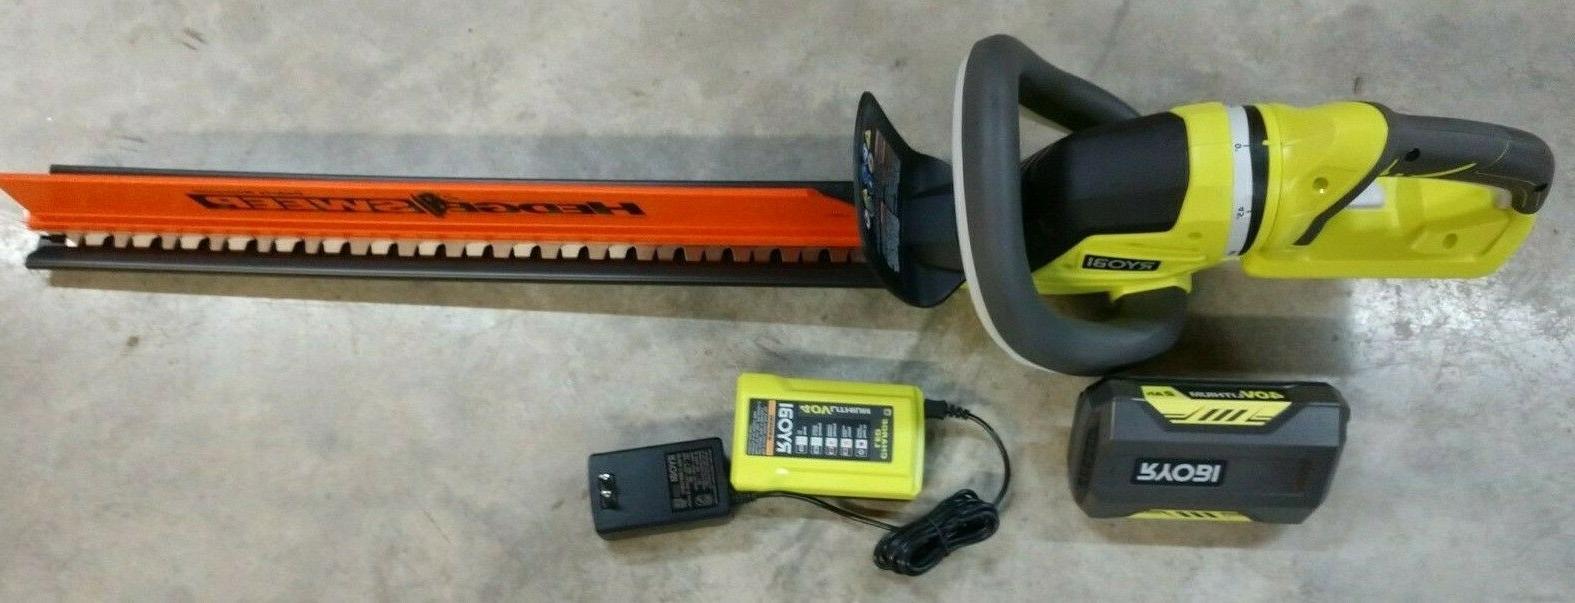 RYOBI 40V Trimmer Kit Battery RY40602